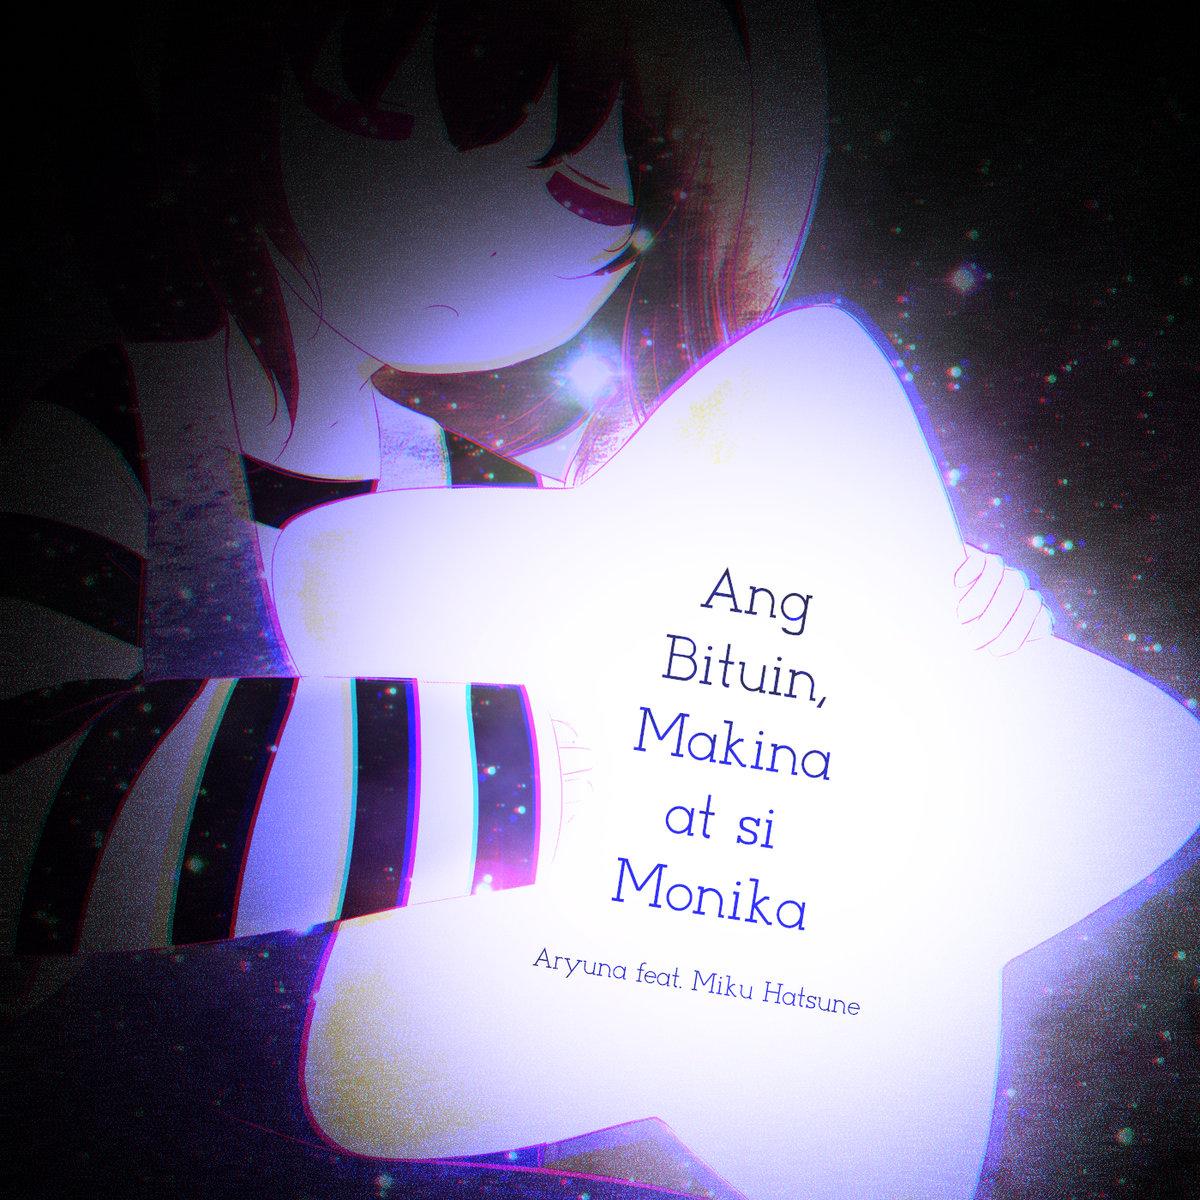 Ang Bituin, Makina at si Monika